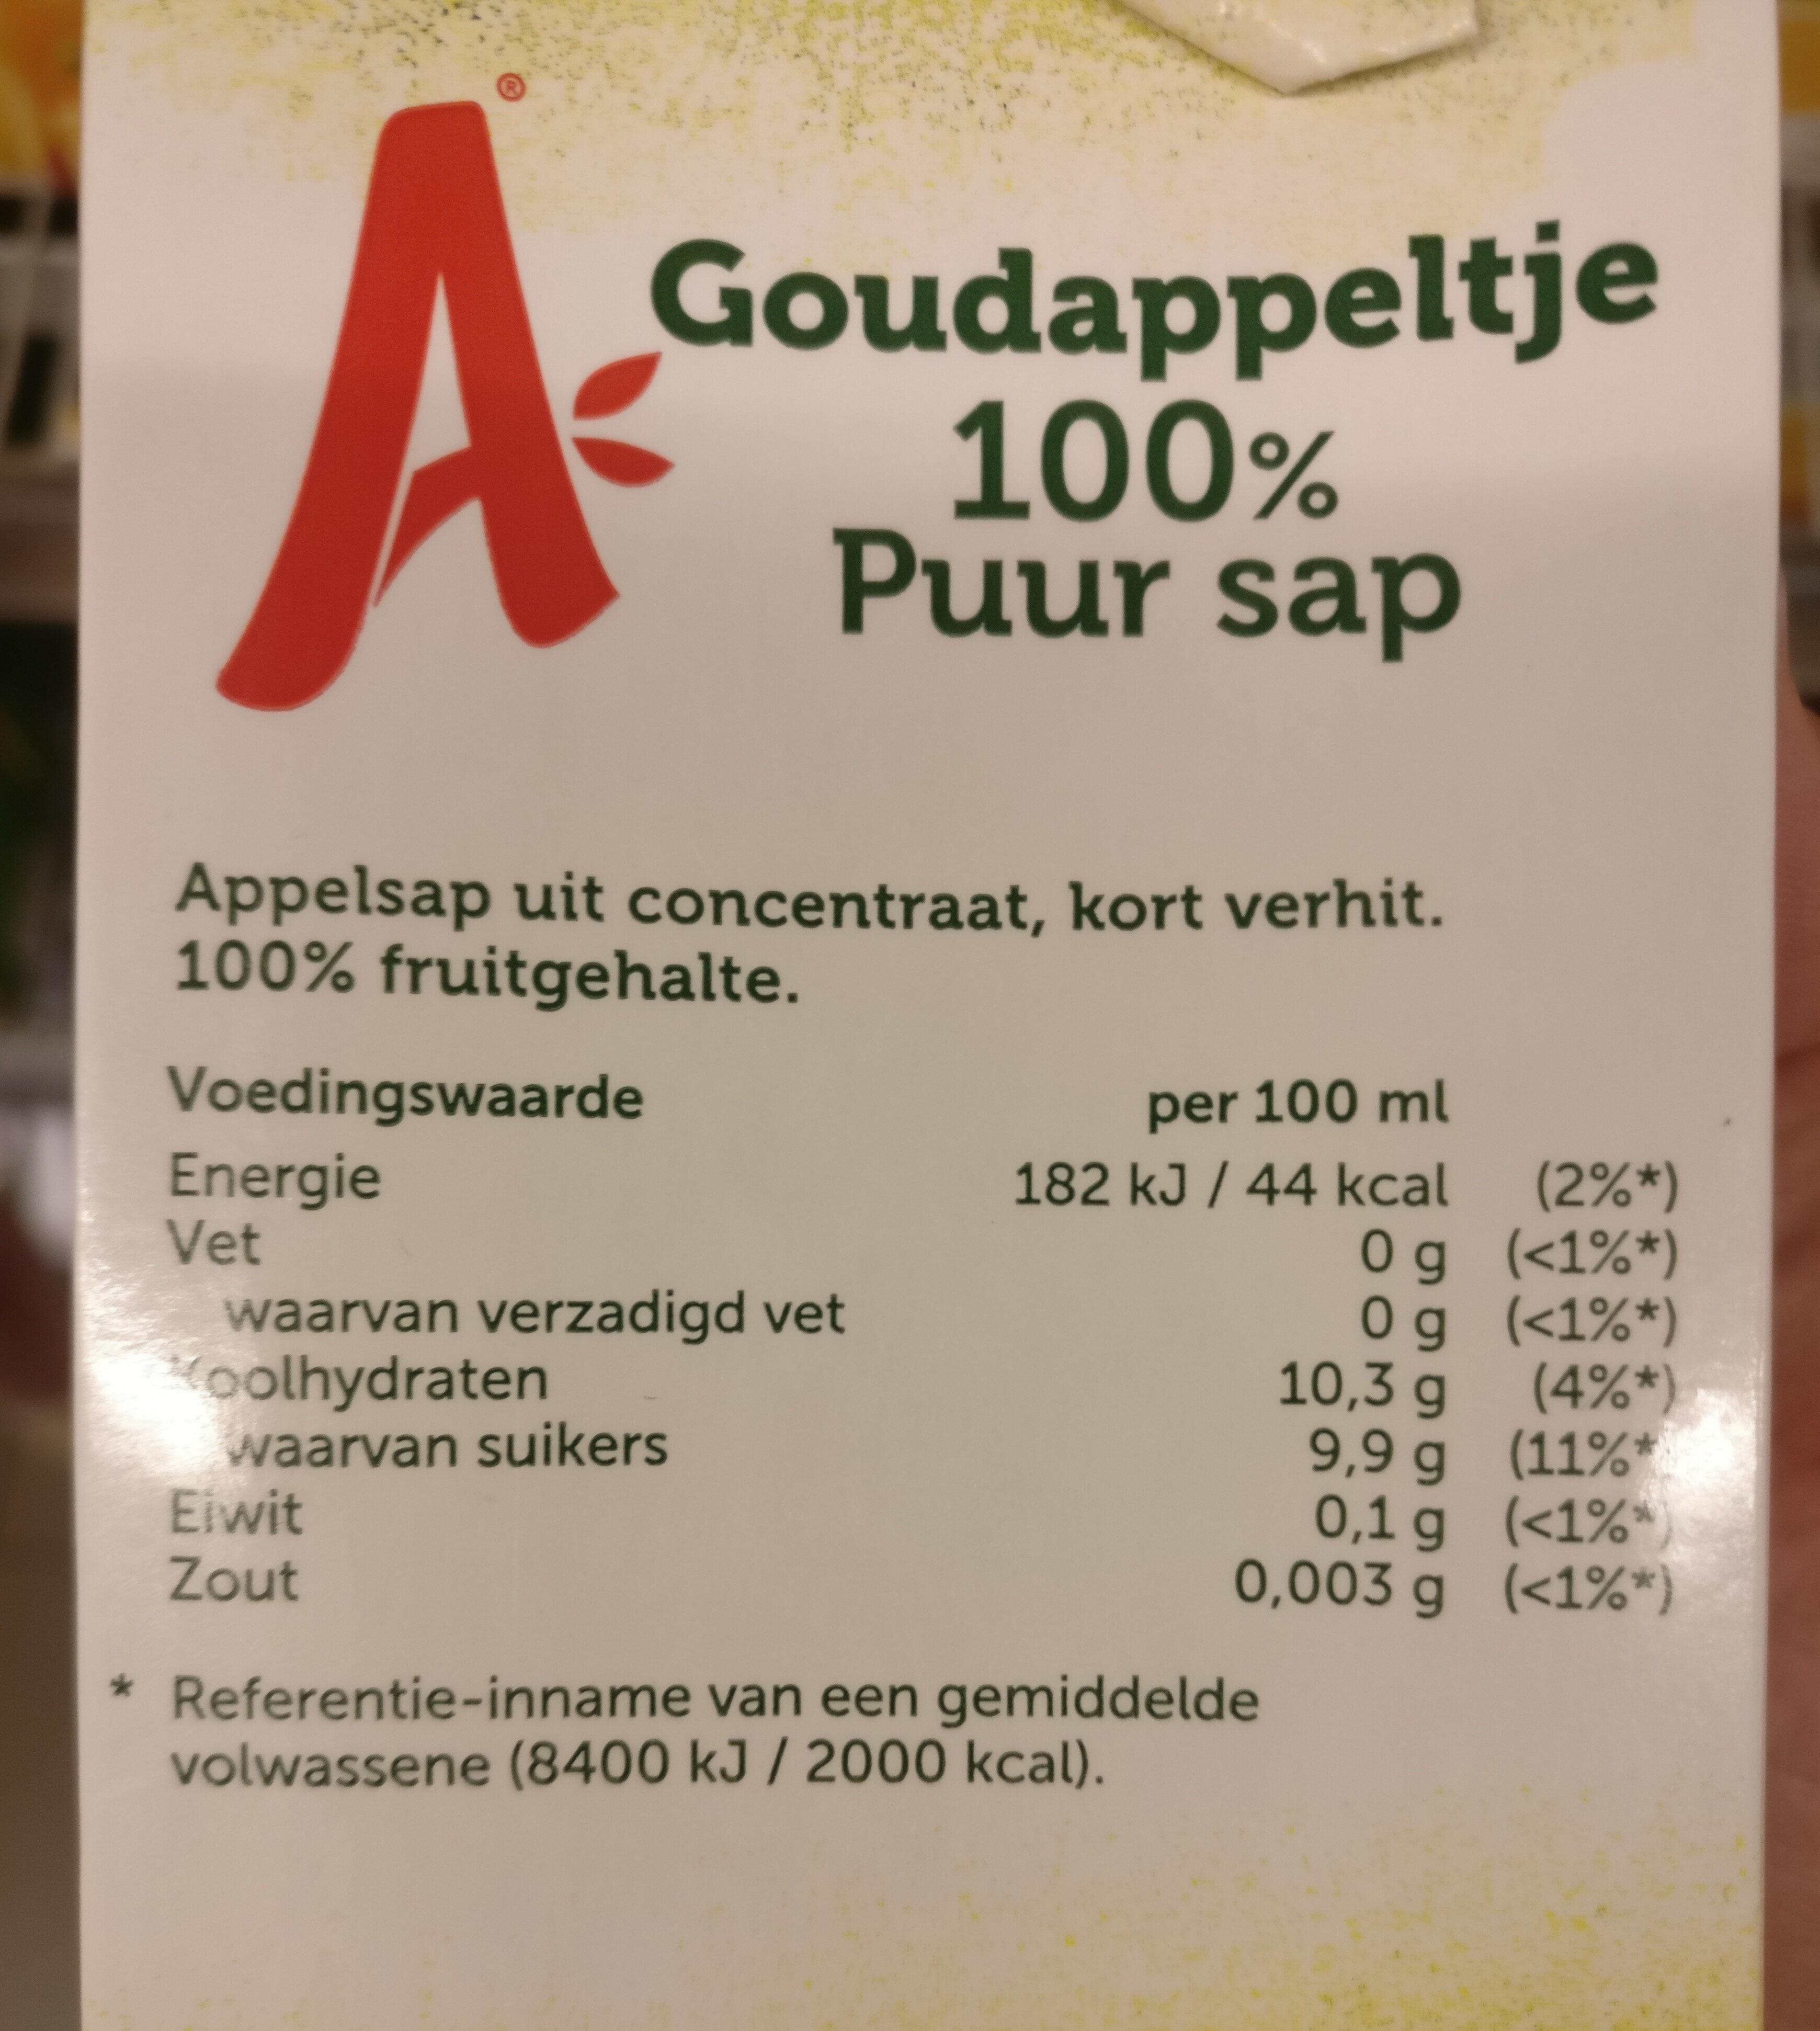 Appelsientje jus de pomme - Ingredients - nl